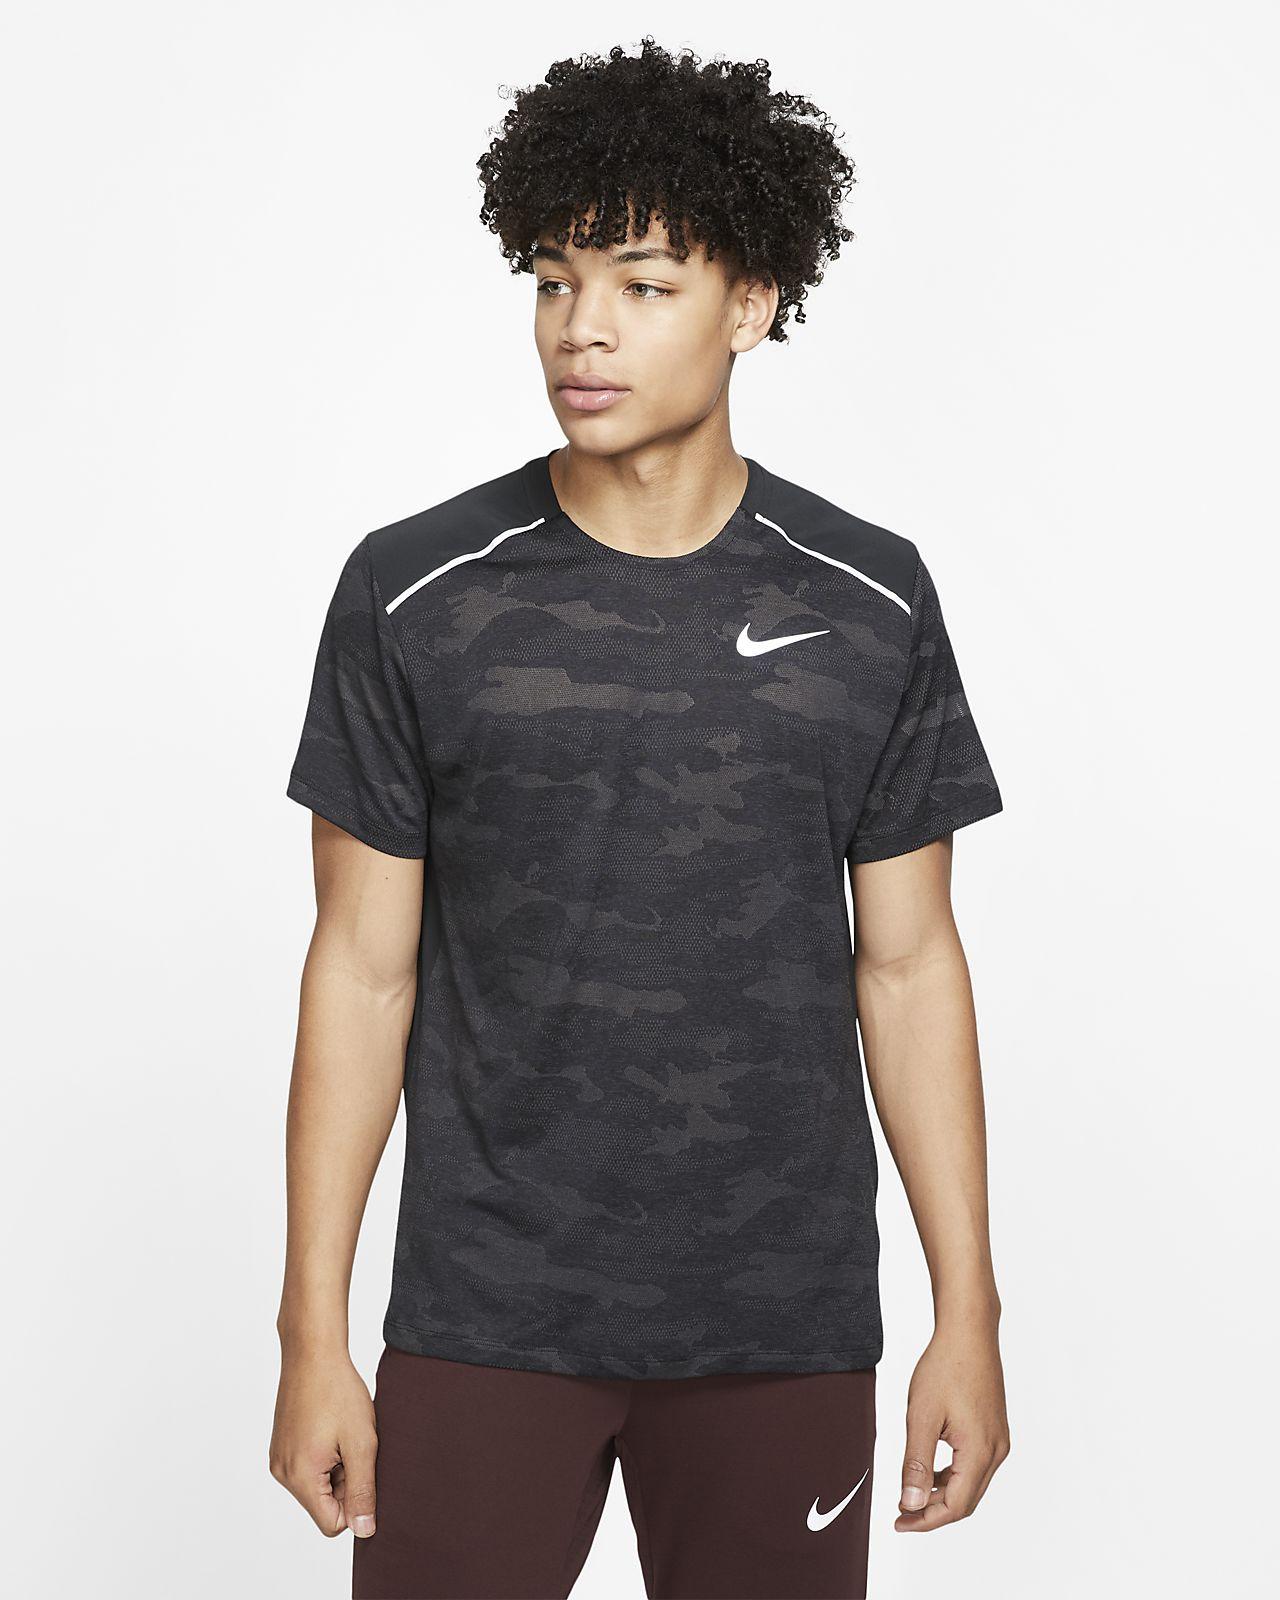 Kortärmad löpartröja Nike TechKnit för män